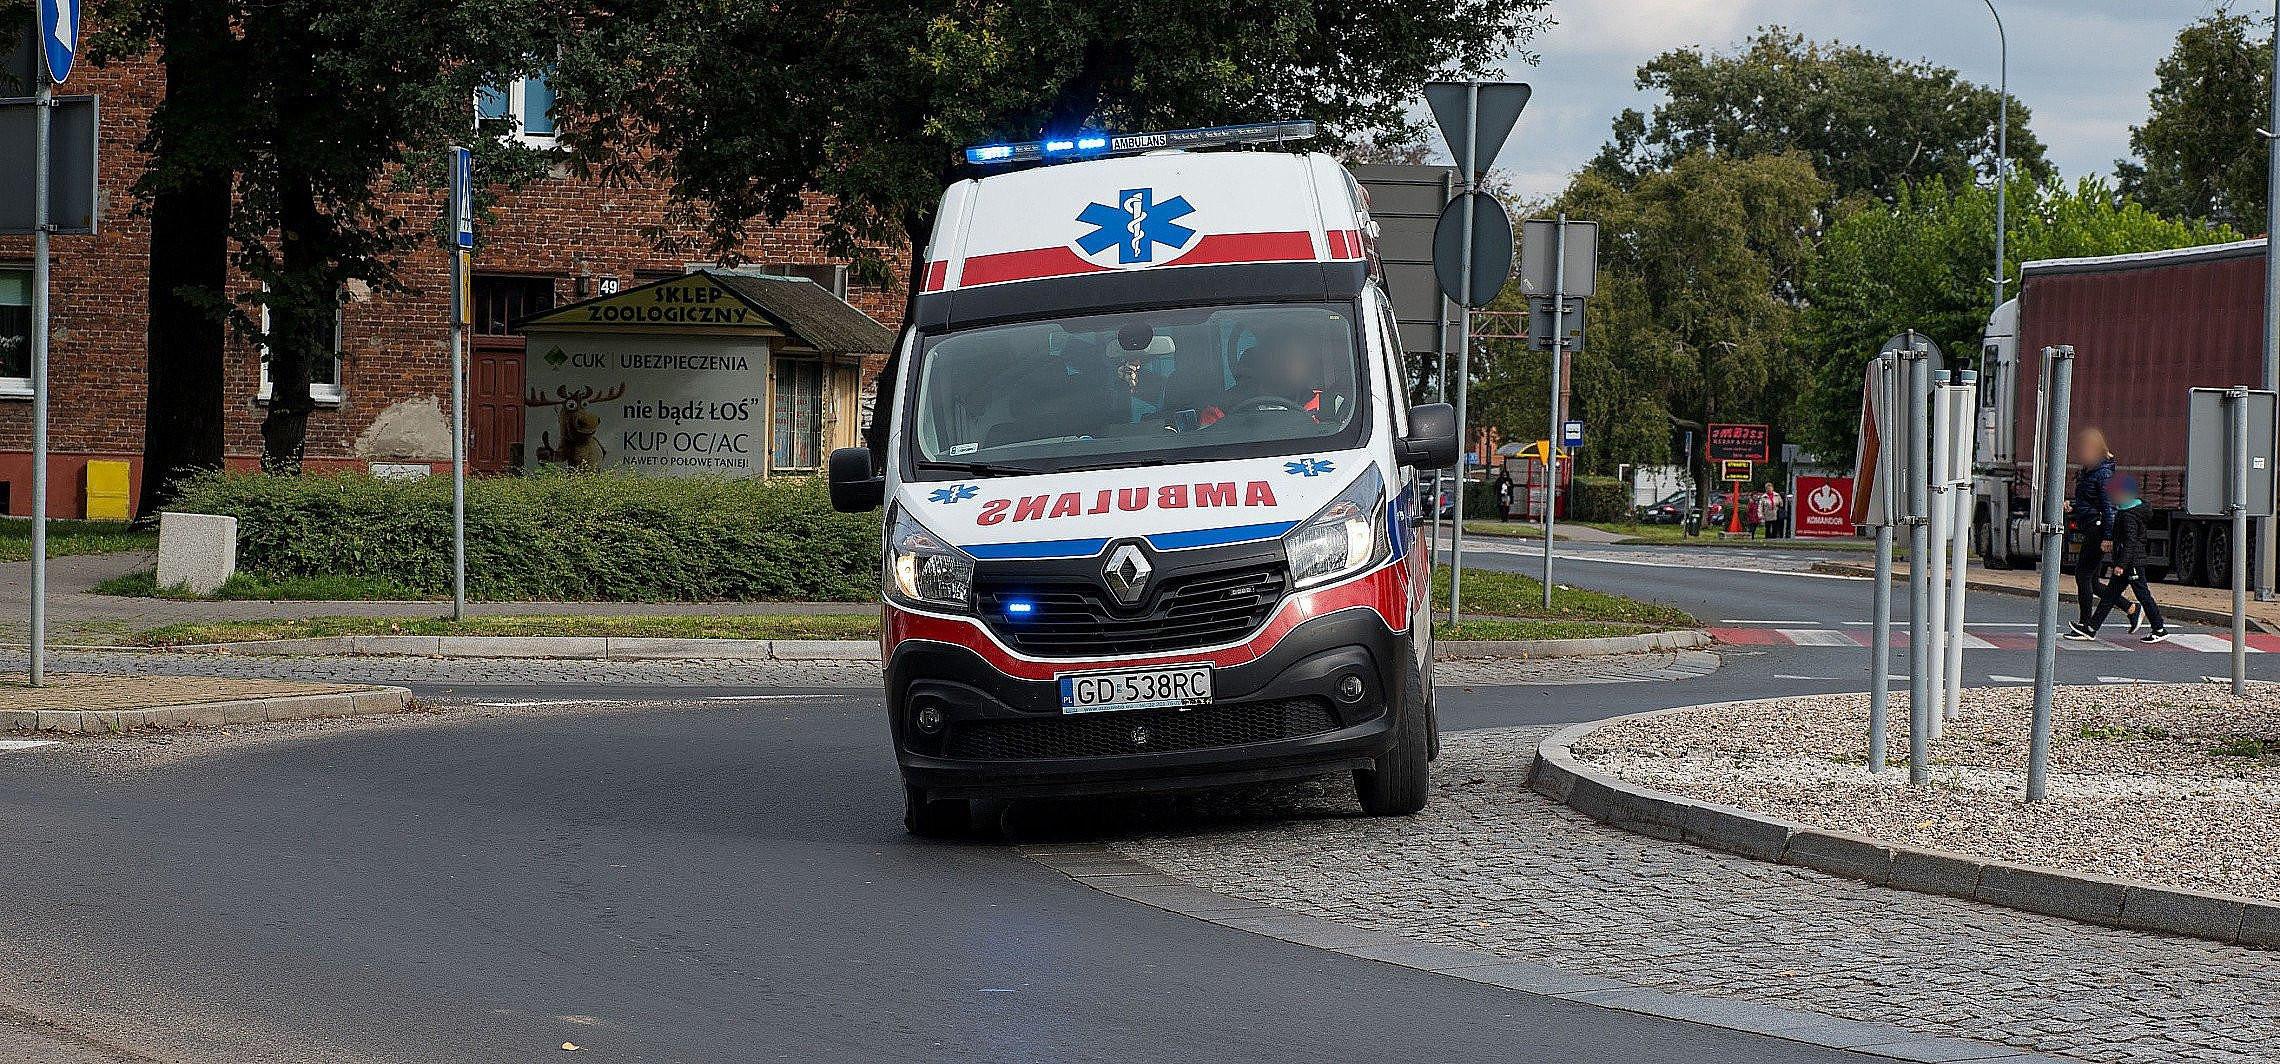 Inowrocław - Śmiertelny wypadek w zakładzie pracy